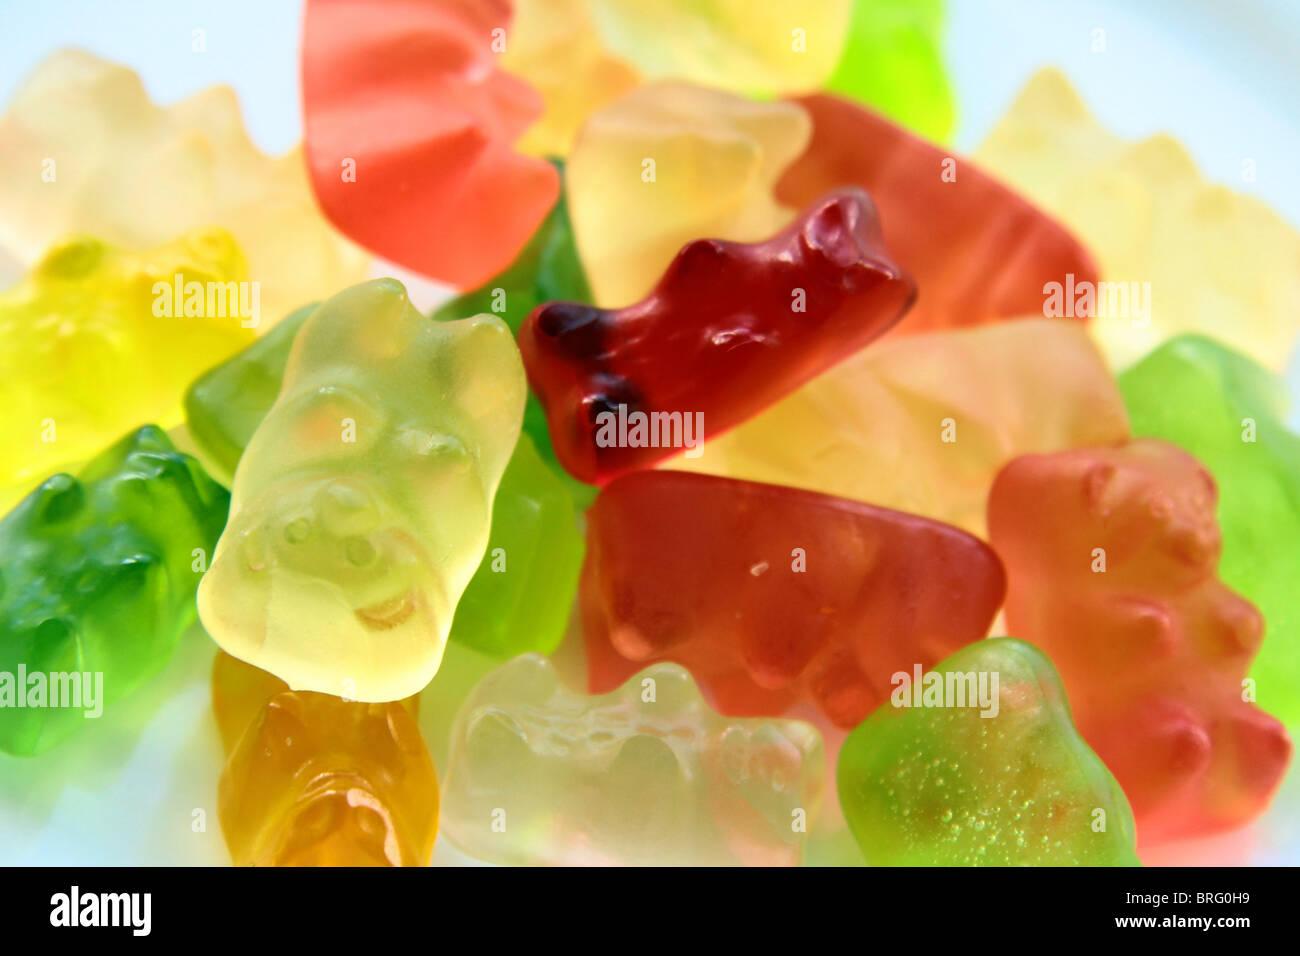 Haribo Gummy Bears Stock Photos & Haribo Gummy Bears Stock ... - photo#49